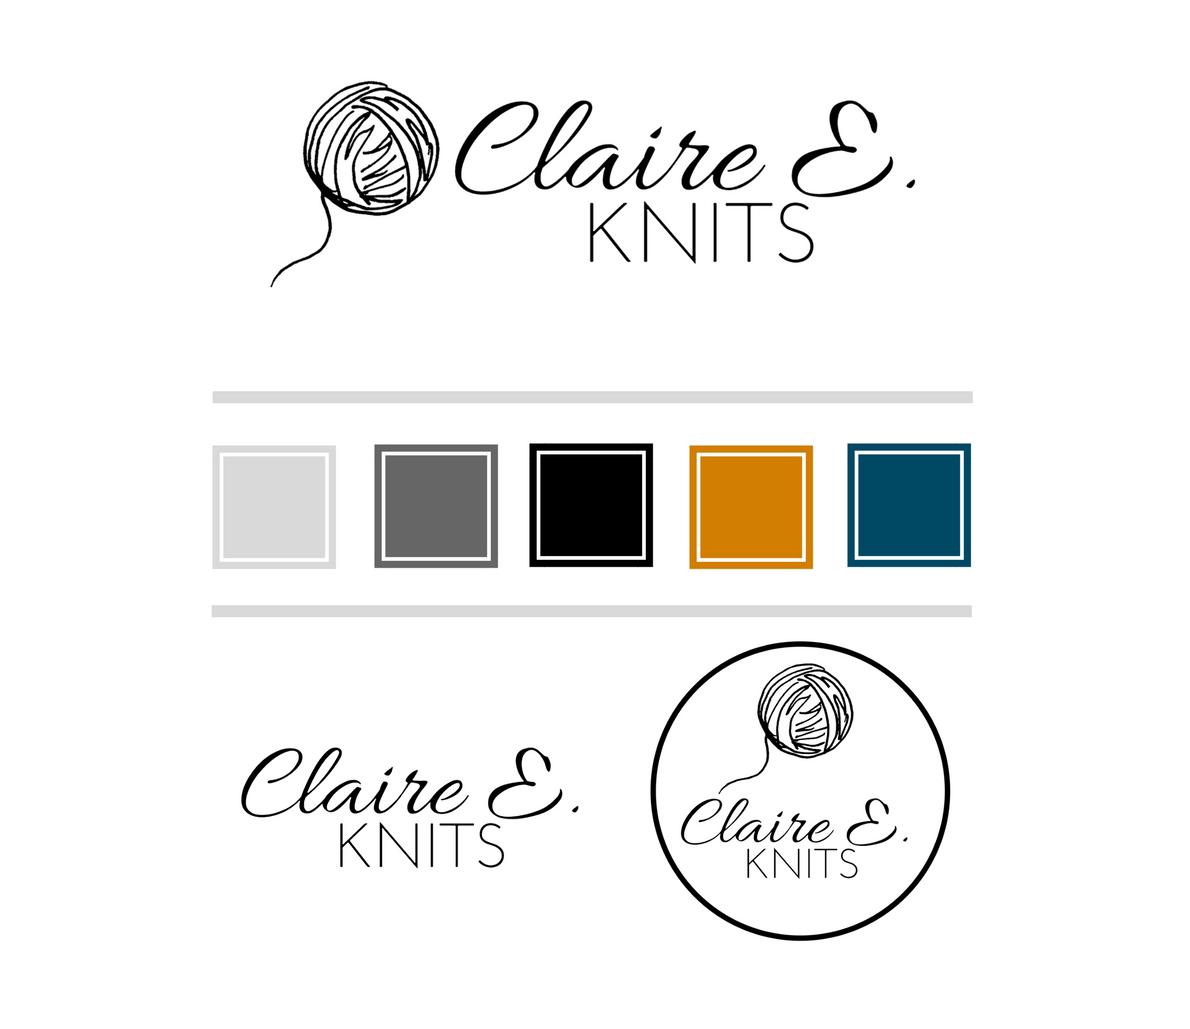 ClaireEKnitsMood_3.jpg